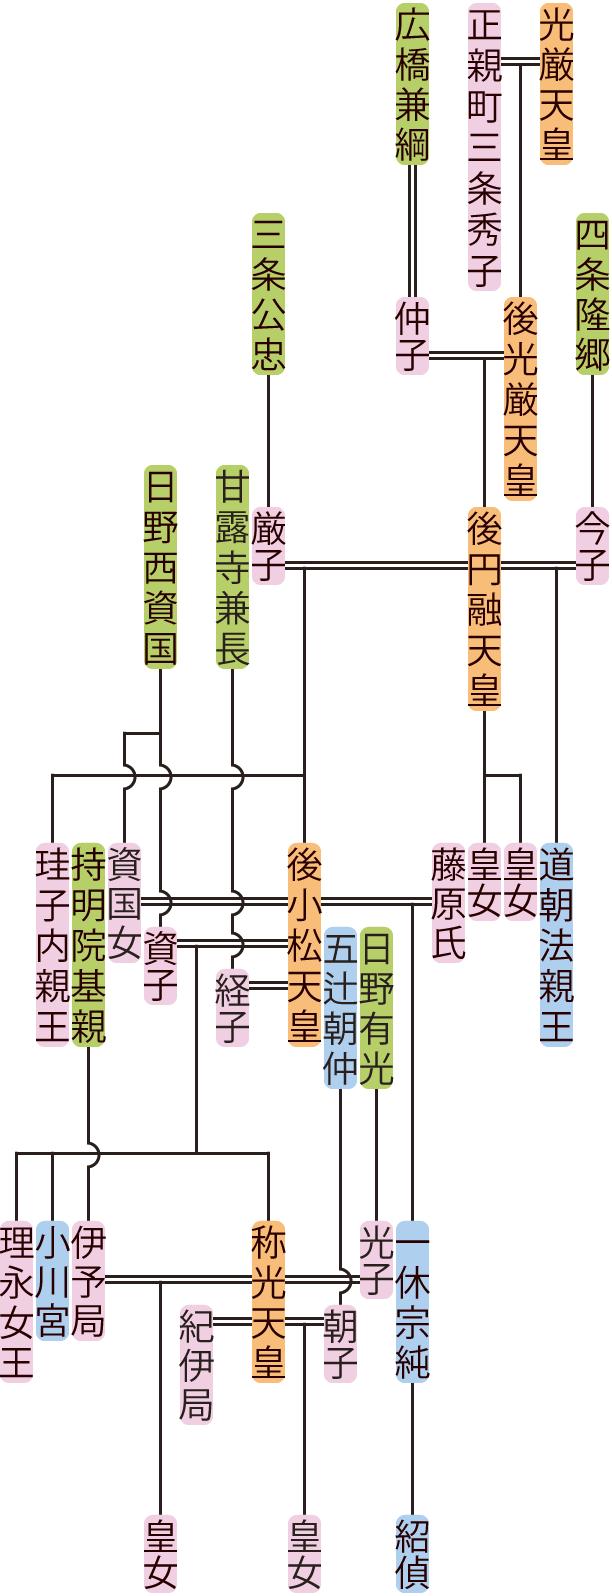 後円融天皇~称光天皇の系図